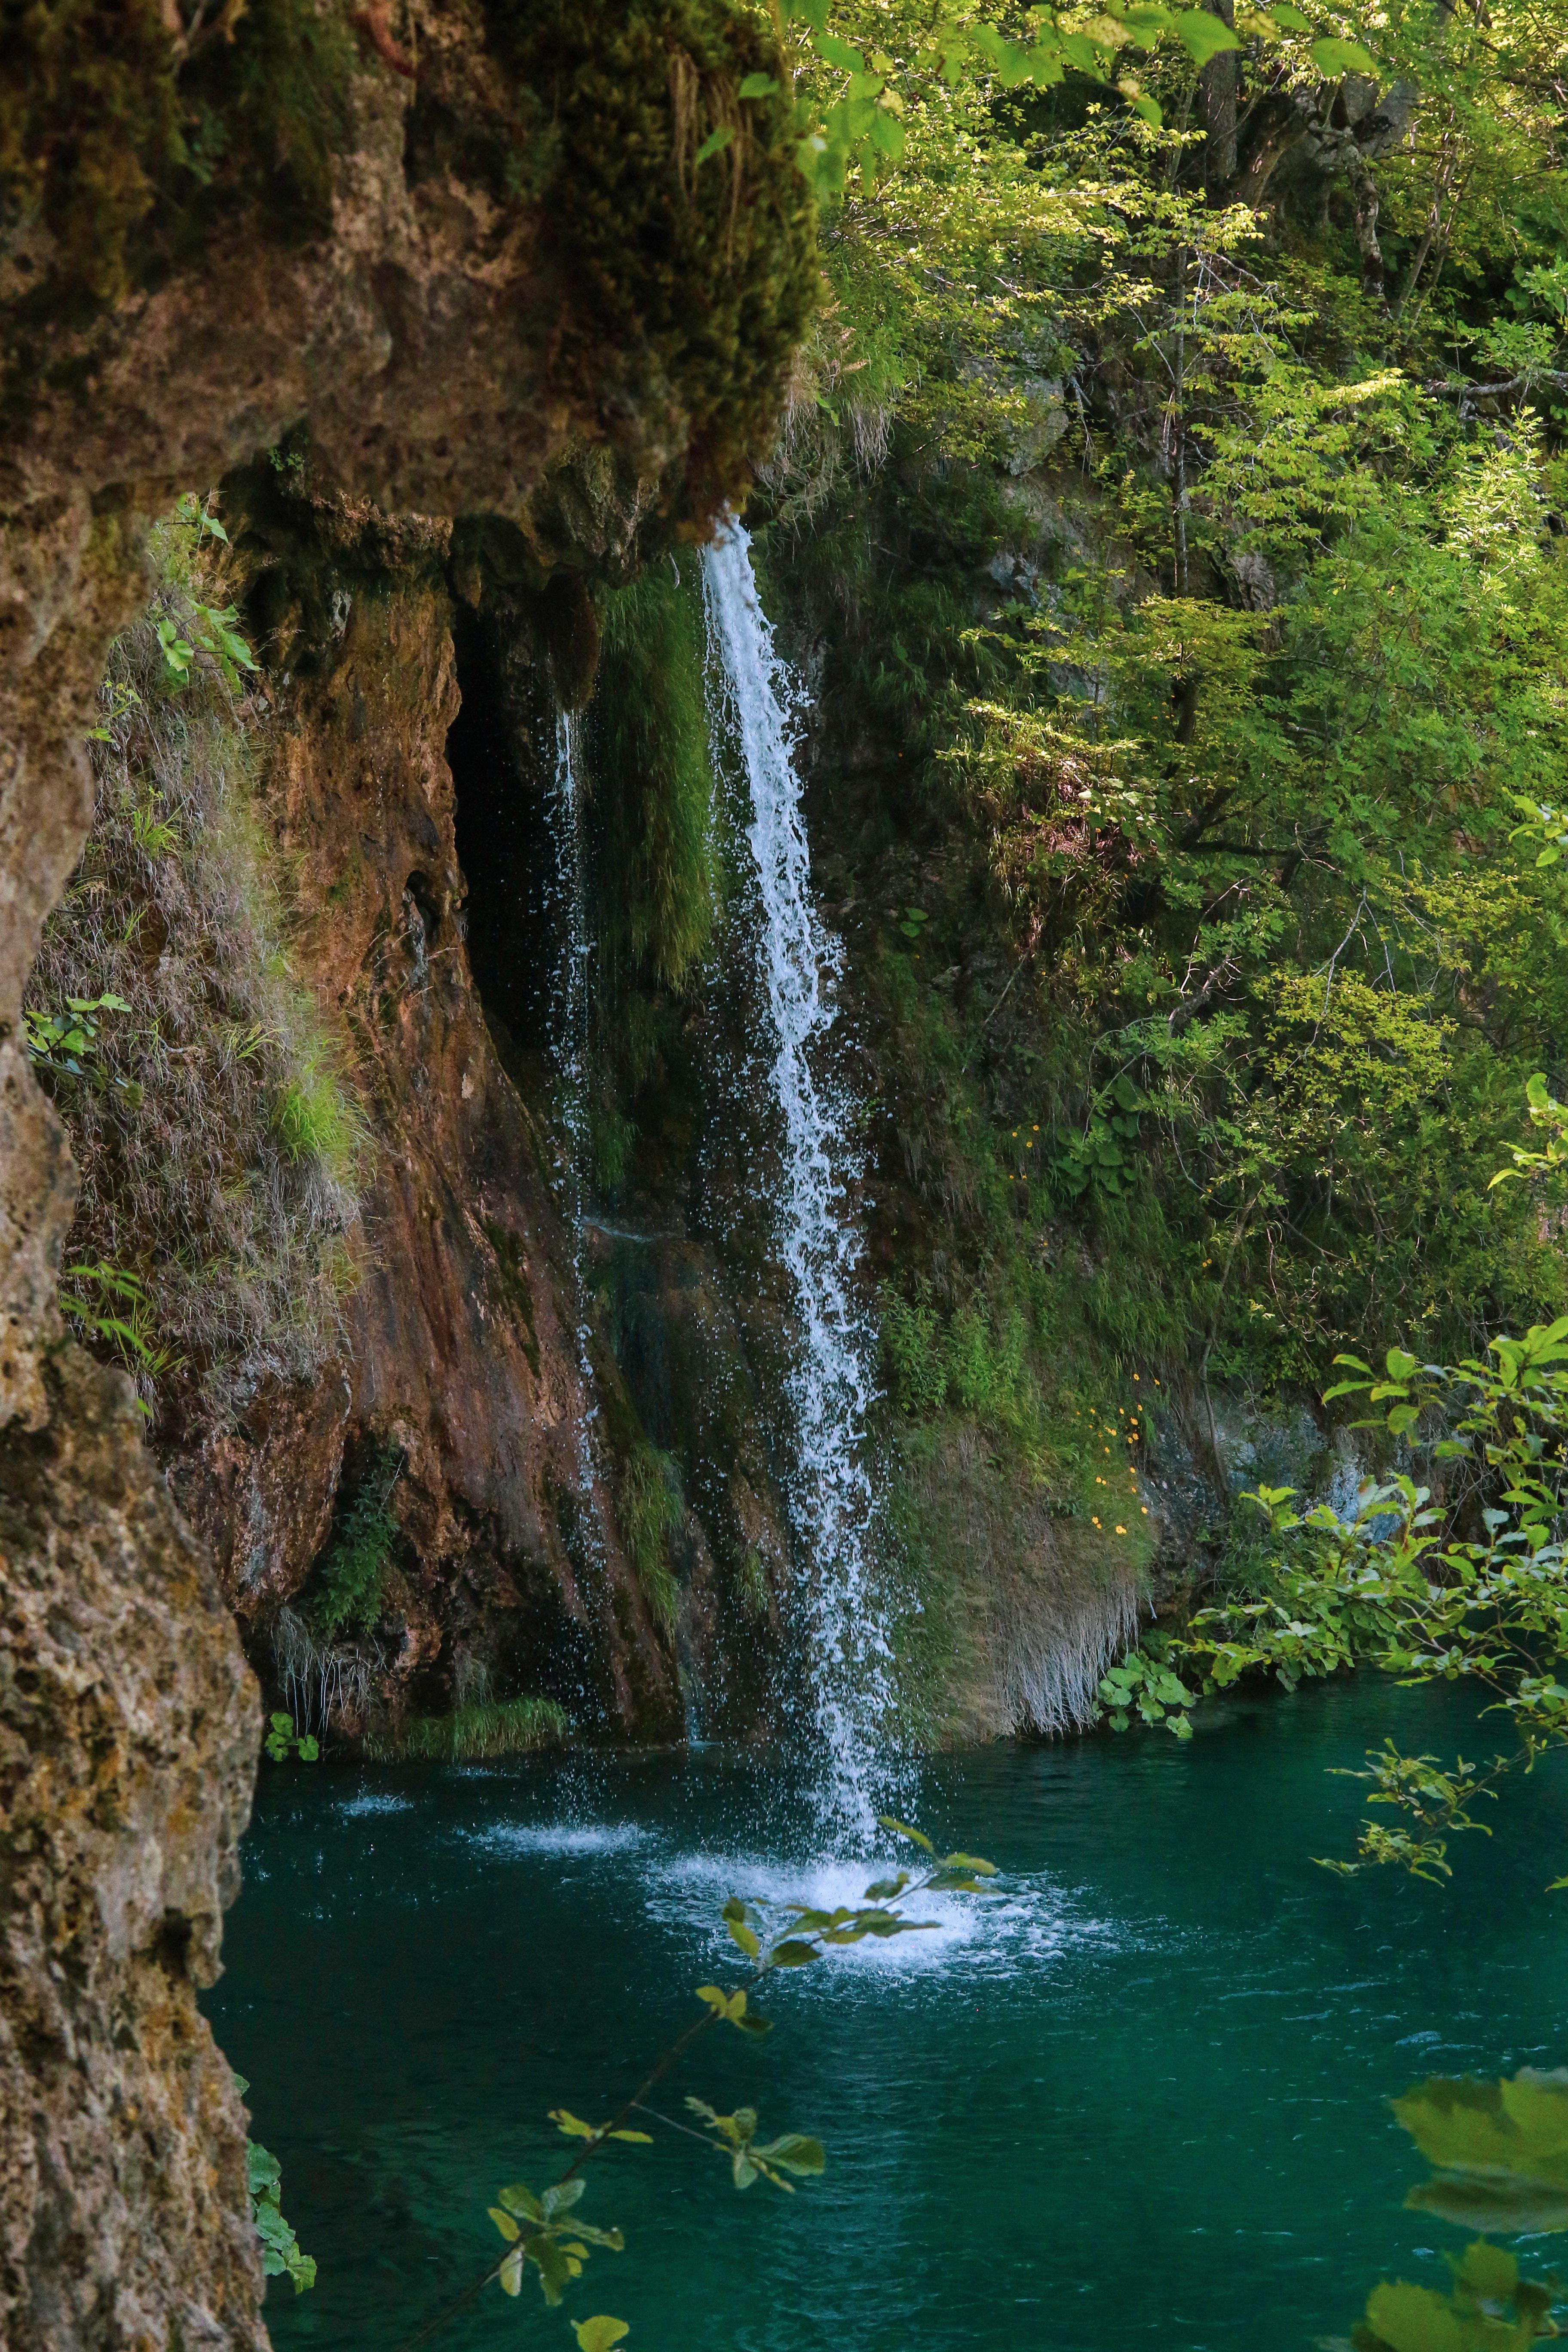 110420 скачать обои Природа, Водопад, Скала, Брызги, Вода, Растения - заставки и картинки бесплатно